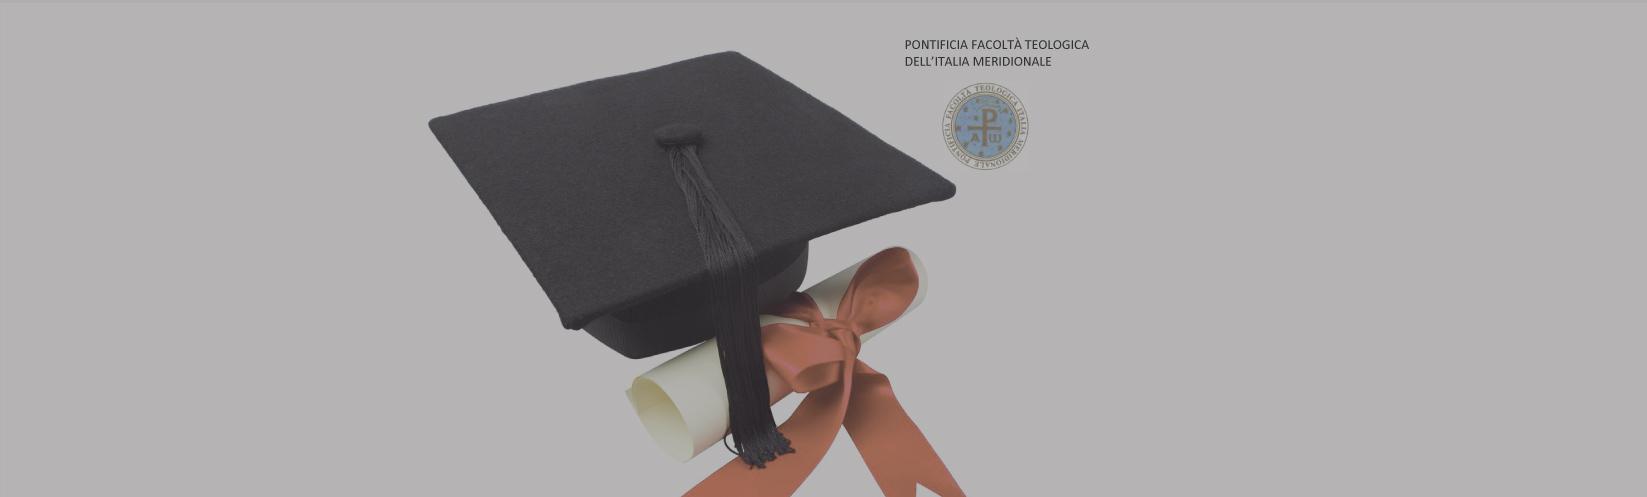 Bando di concorso per le migliori dissertazioni di dottorato, licenza e laurea magistrale